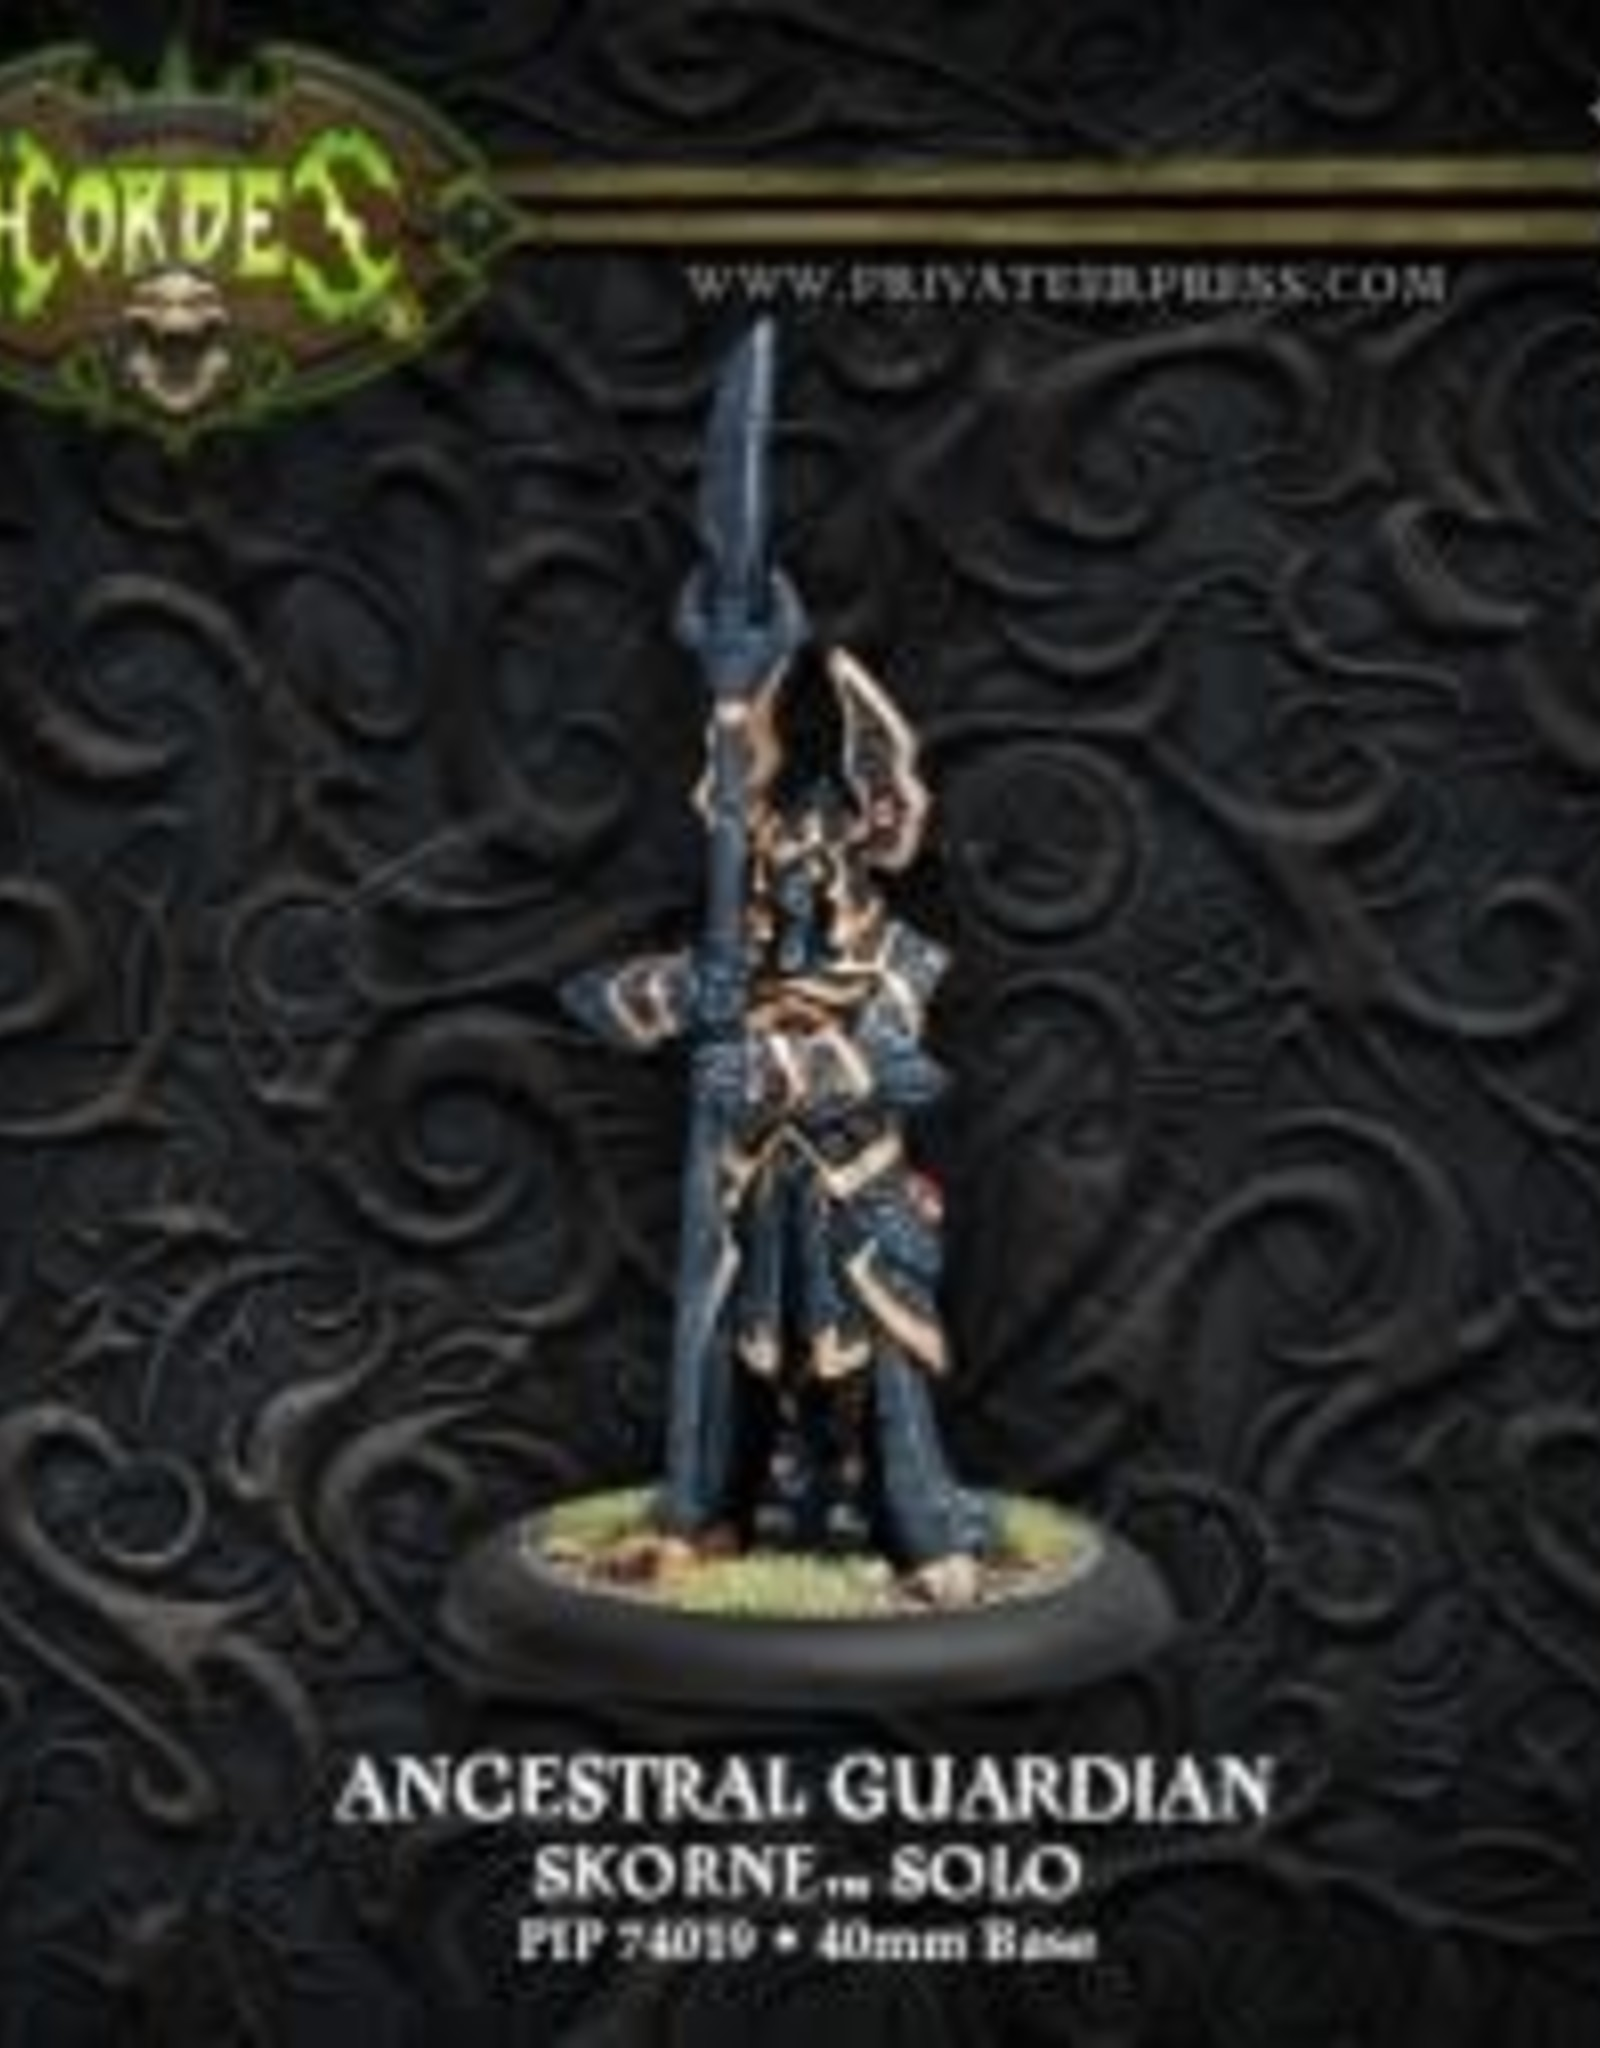 Hordes Skorne - Ancestral Guardian